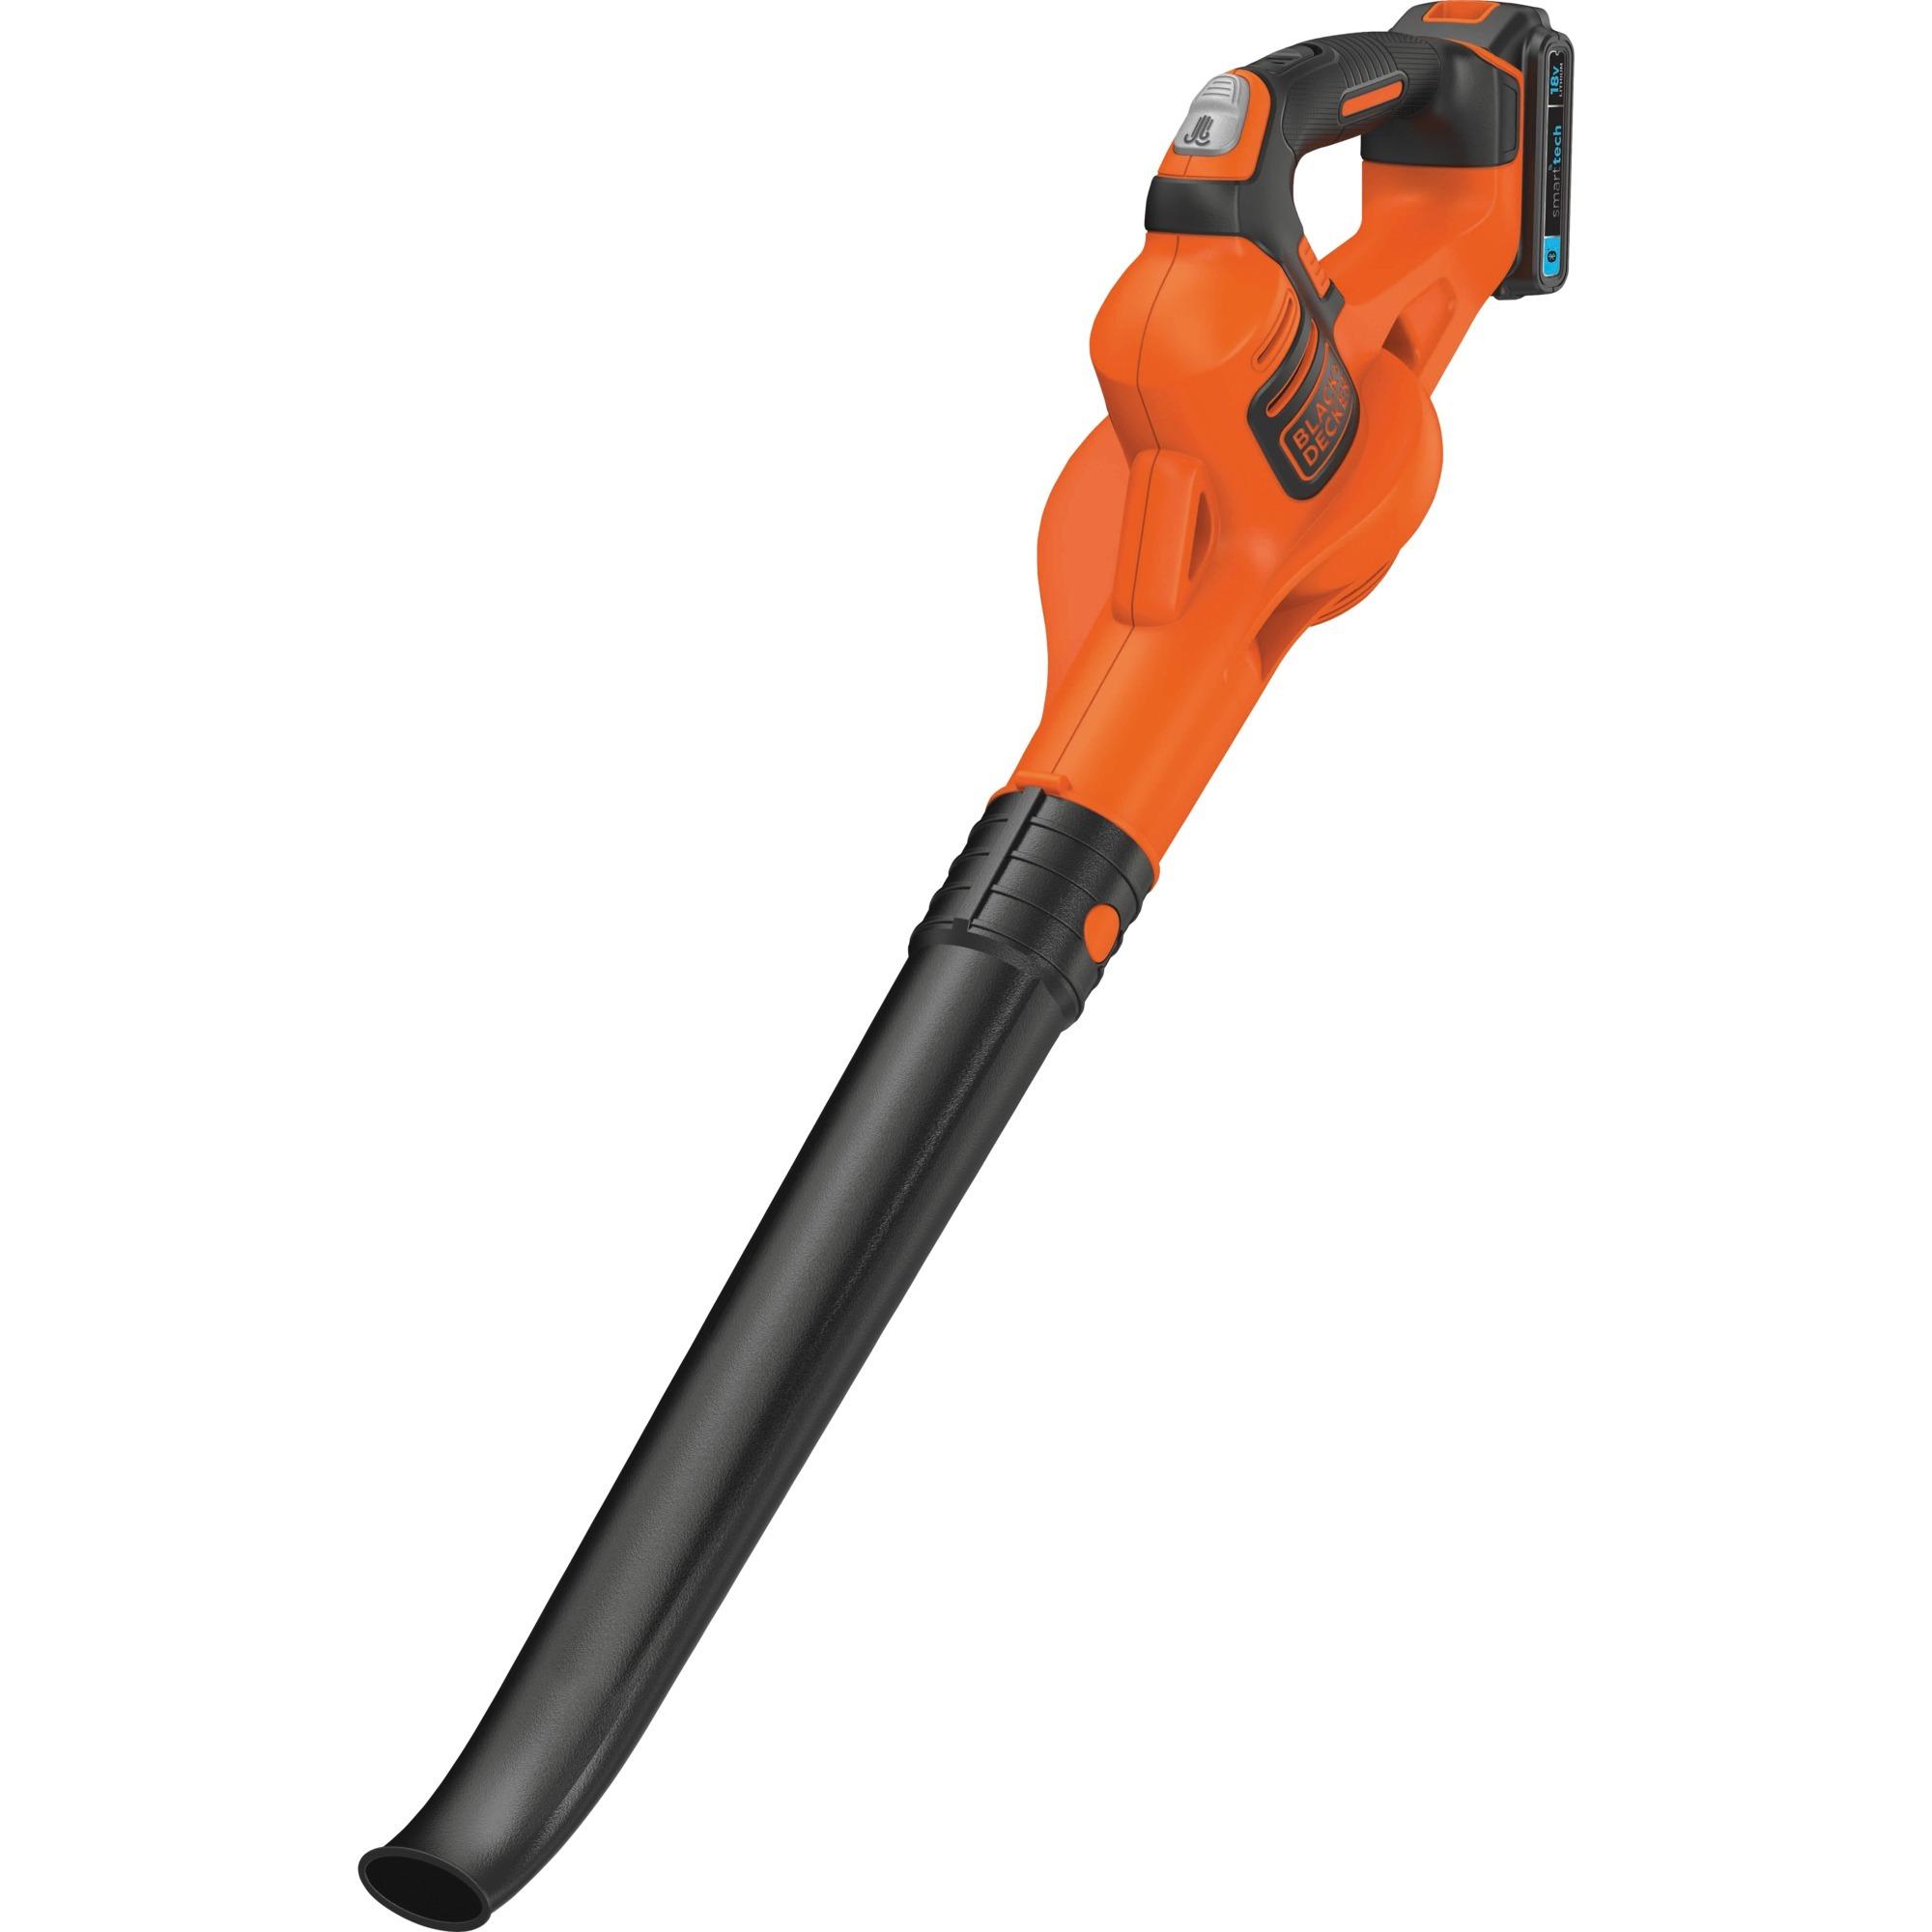 black+decker akku-luftbesen gwc1820pst, 18volt, laubgebläse orange